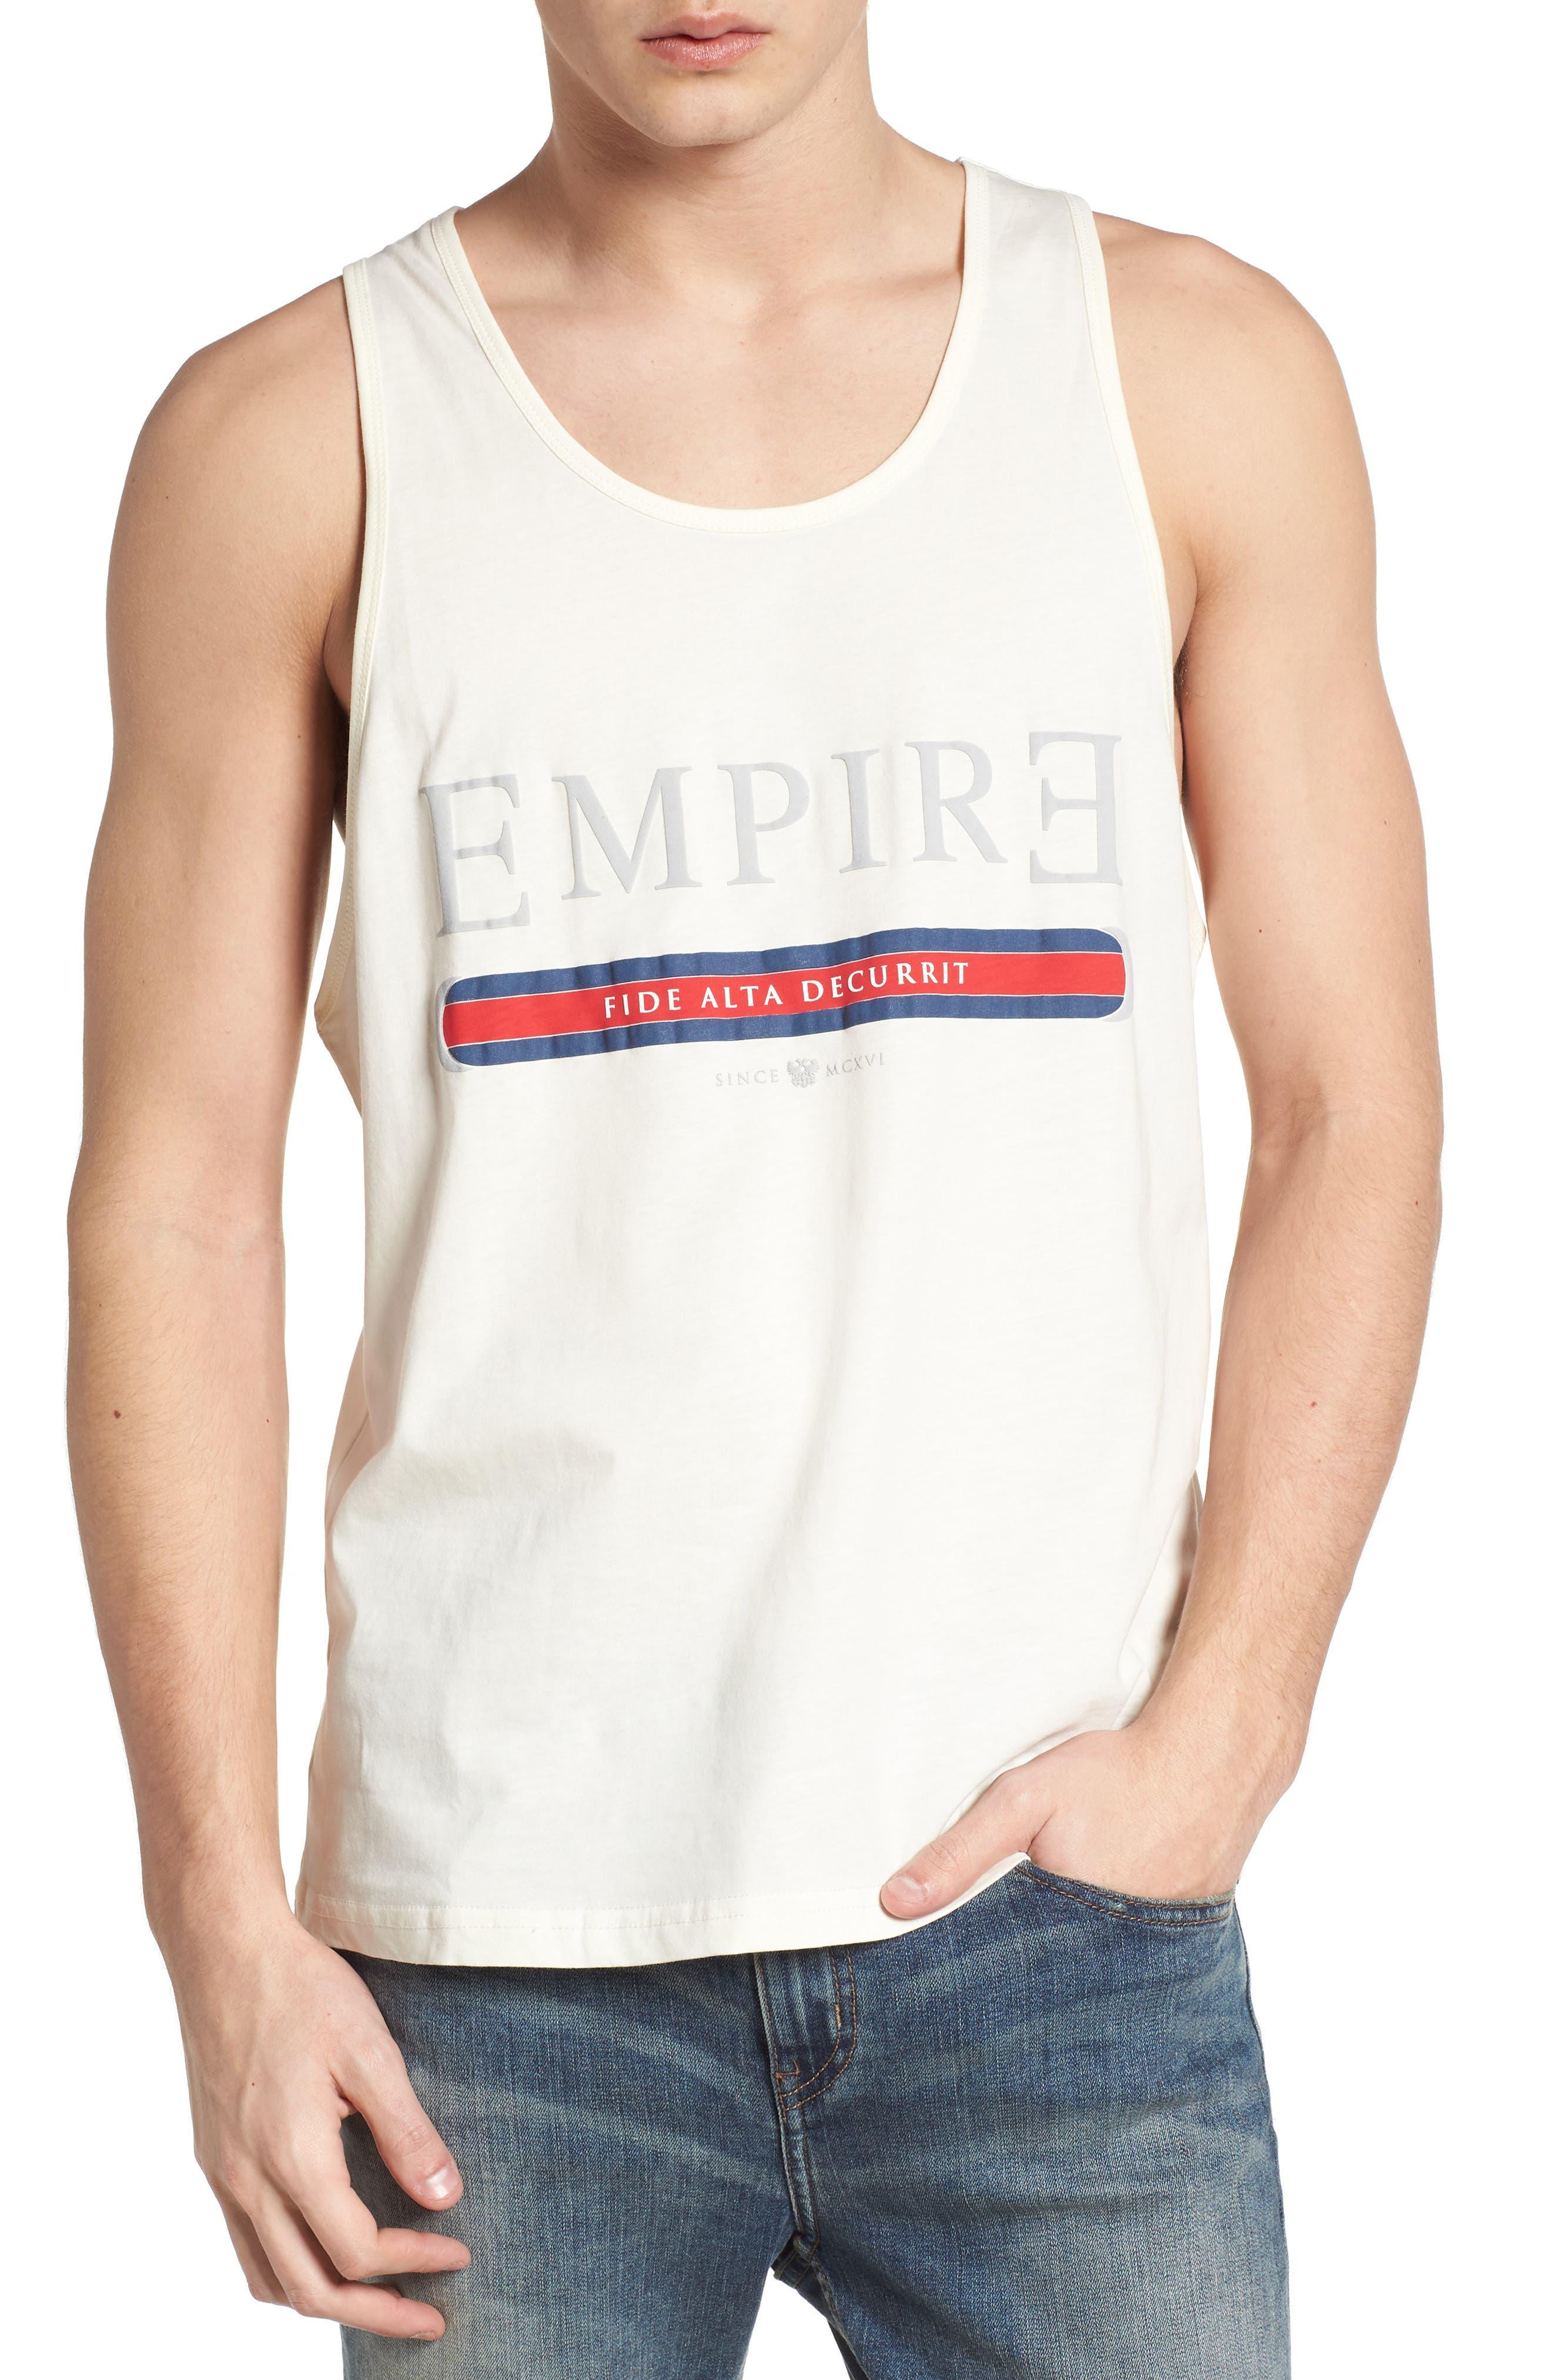 Main Image - Topman Empire Fide Alta Decurrit Graphic Tank